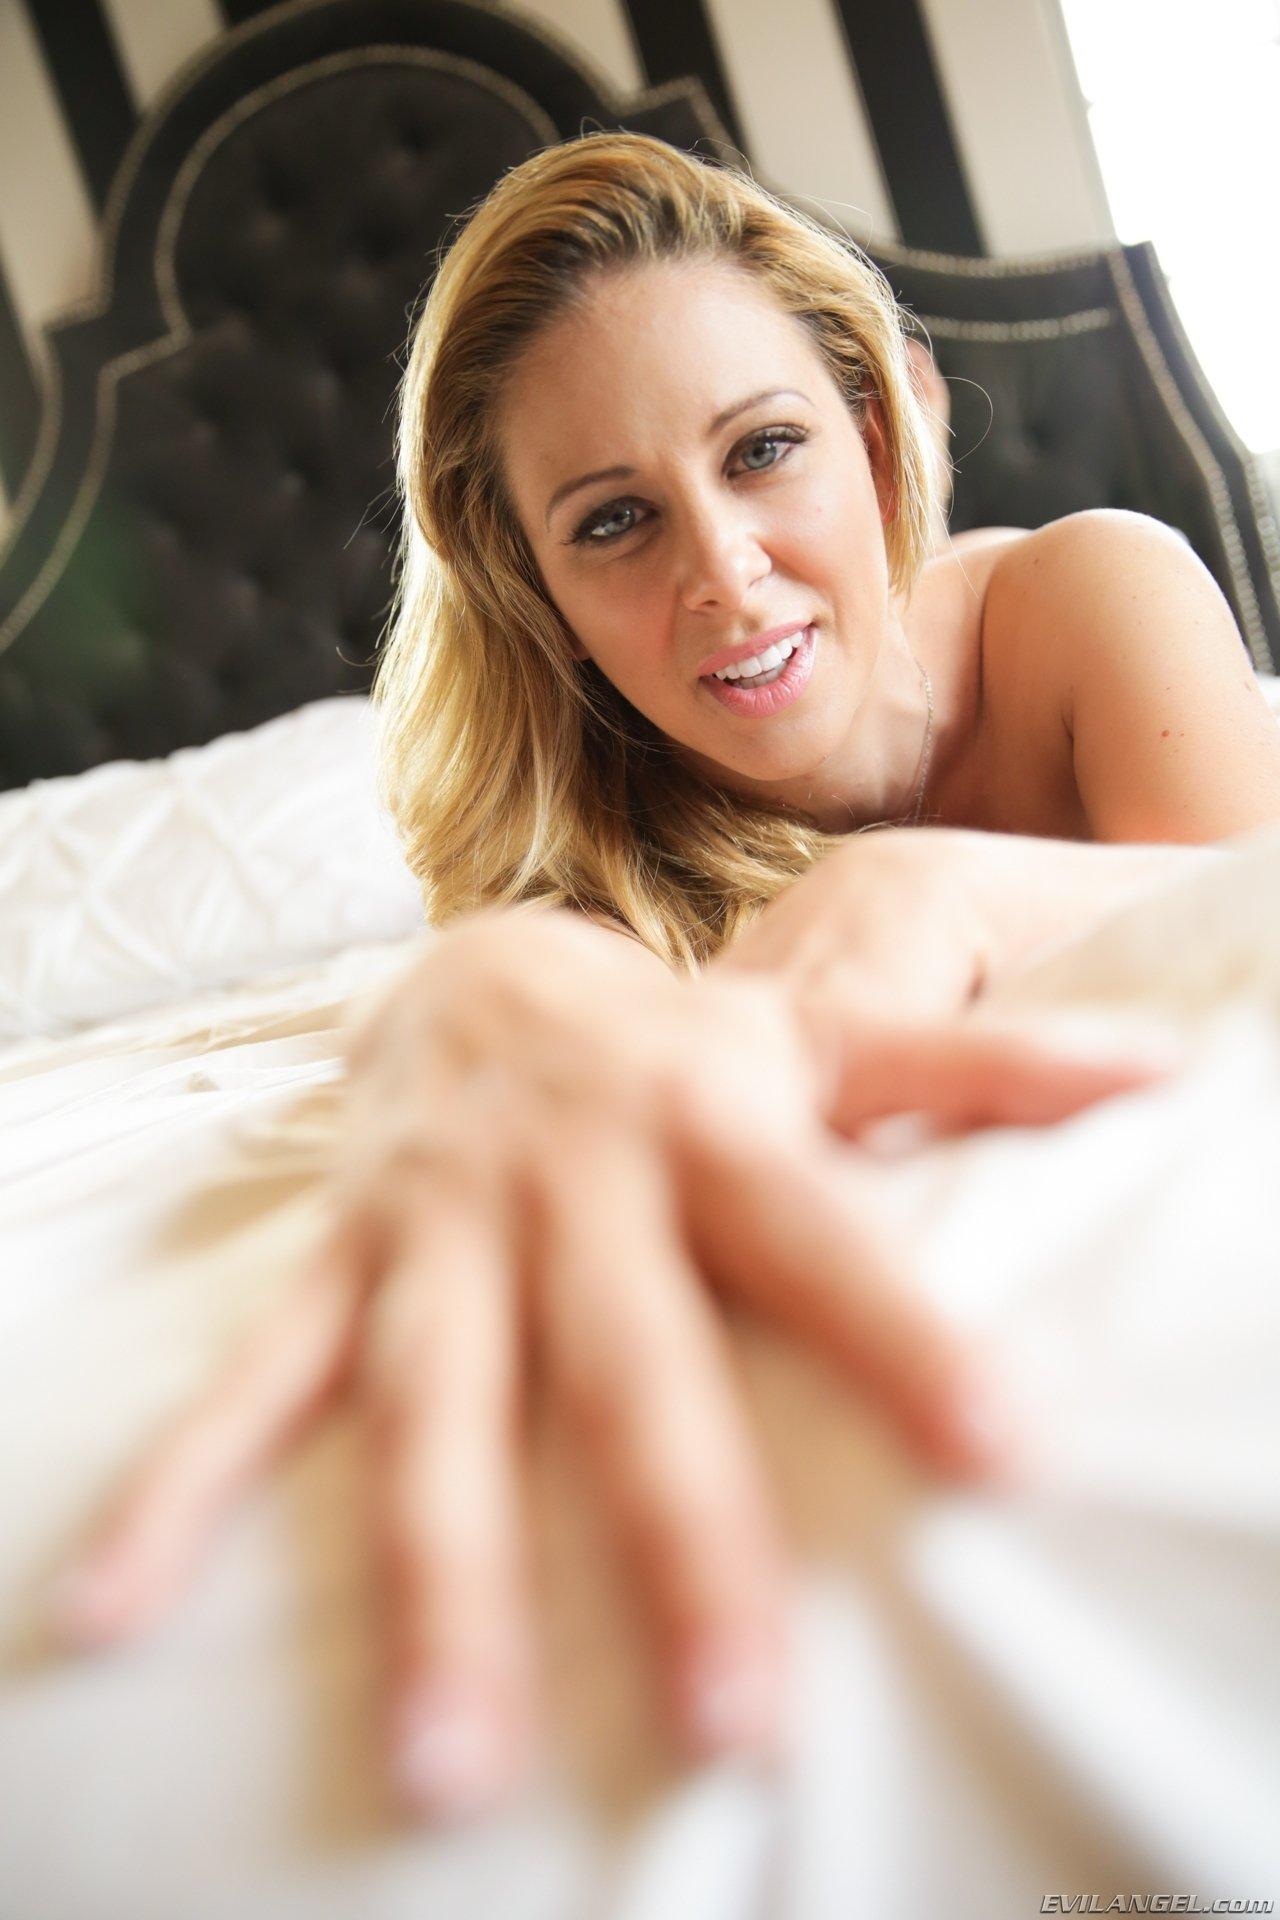 Красивая блондинка принимает разные сексуальные позы, чтобы соблазнить своим видом любого мужчину